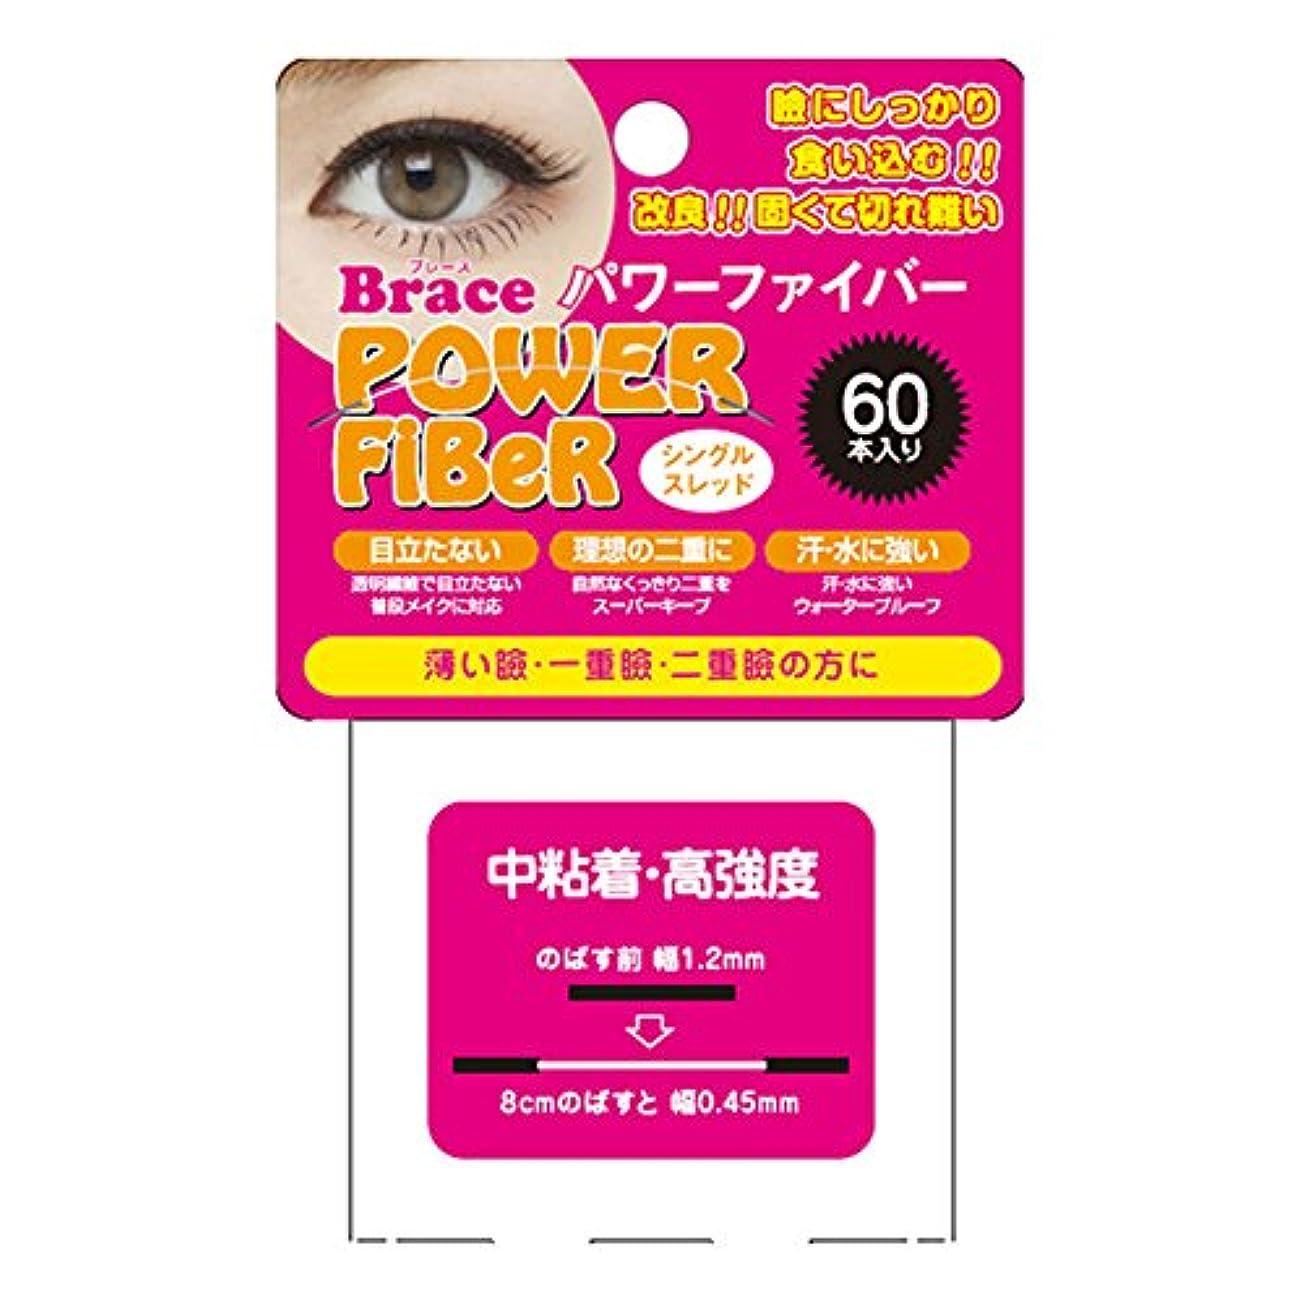 階段ディーラー手錠Brace ブレース パワーファイバー シングルスレッド クリア 1.2mm 60本入 (眼瞼下垂防止用テープ)